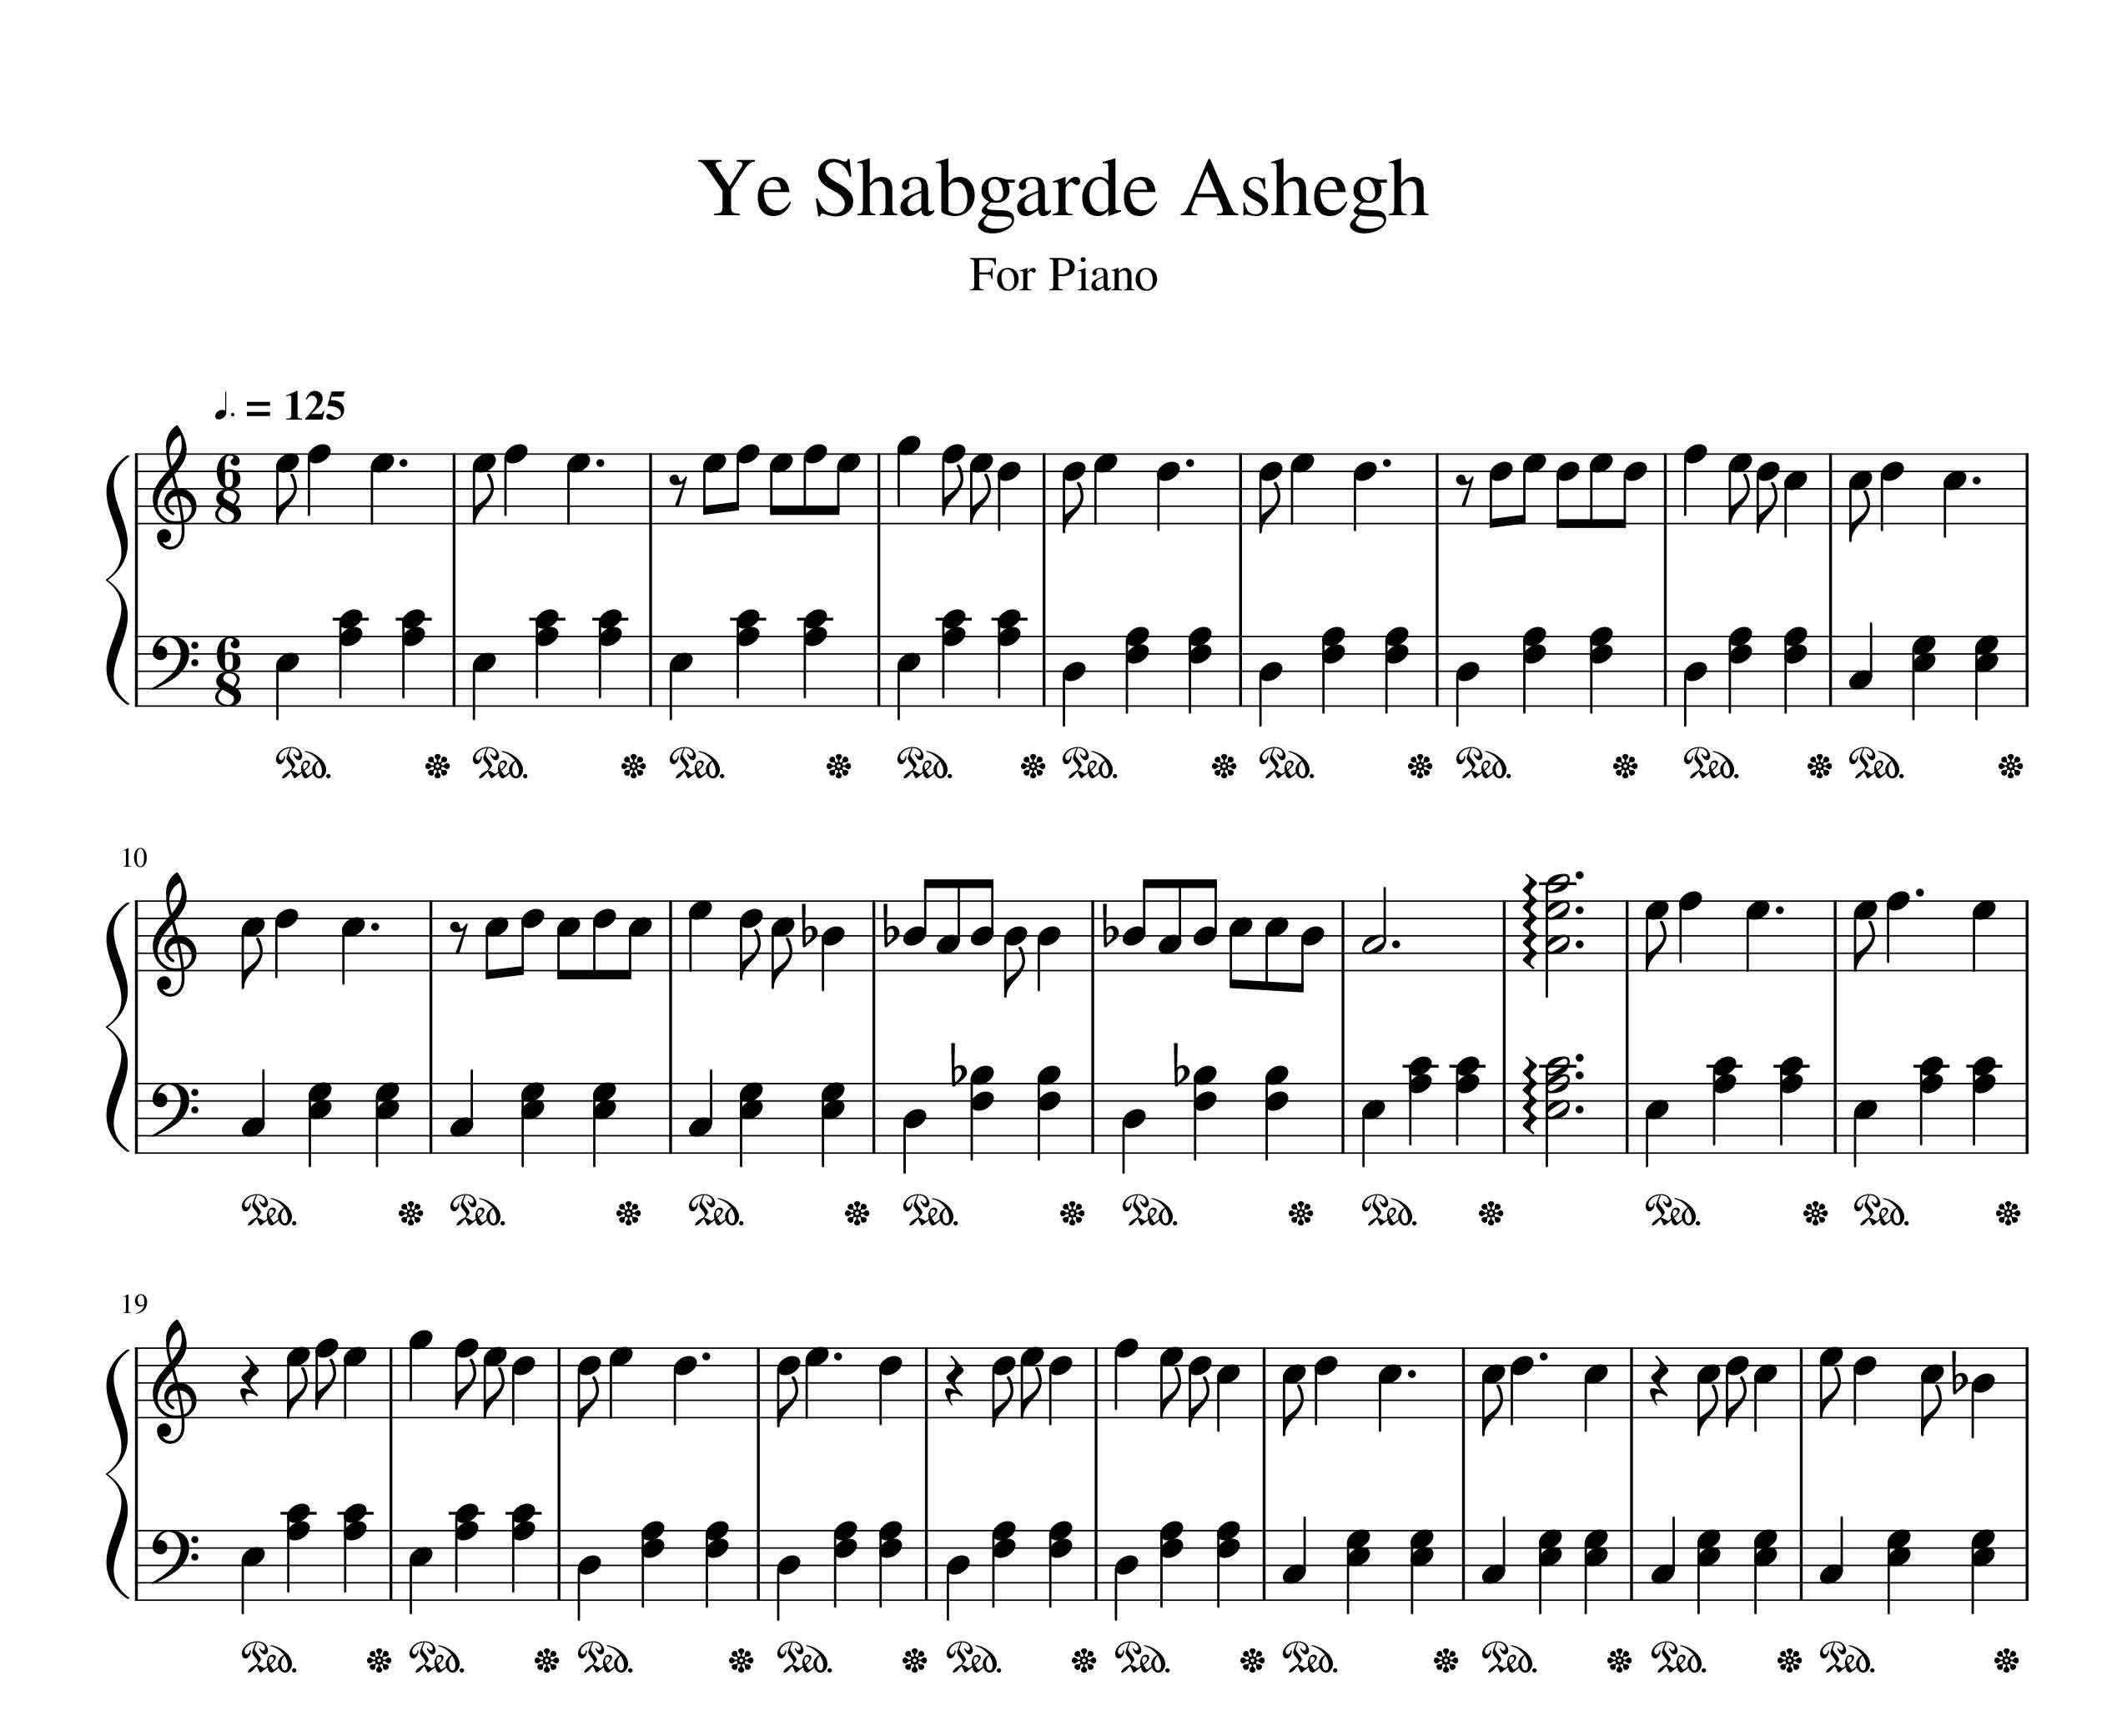 نت پیانو یه شبگرد عاشق مرتضی اشرفی